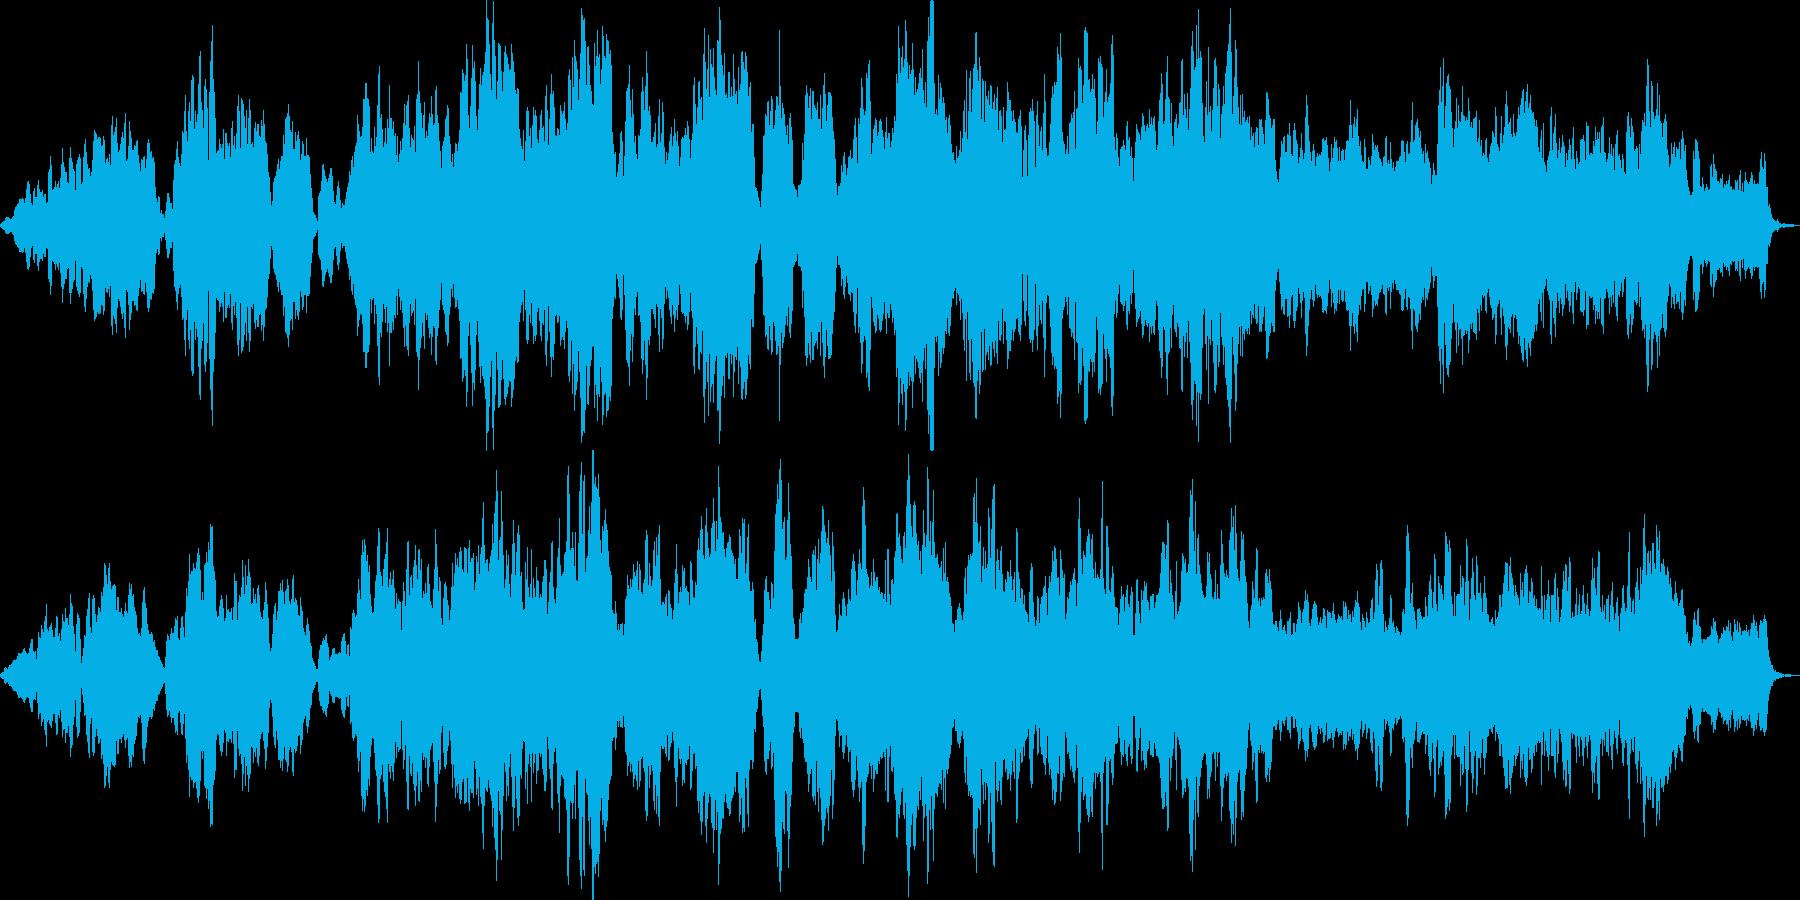 クロード・ドビュッシーの前奏曲 第8曲の再生済みの波形